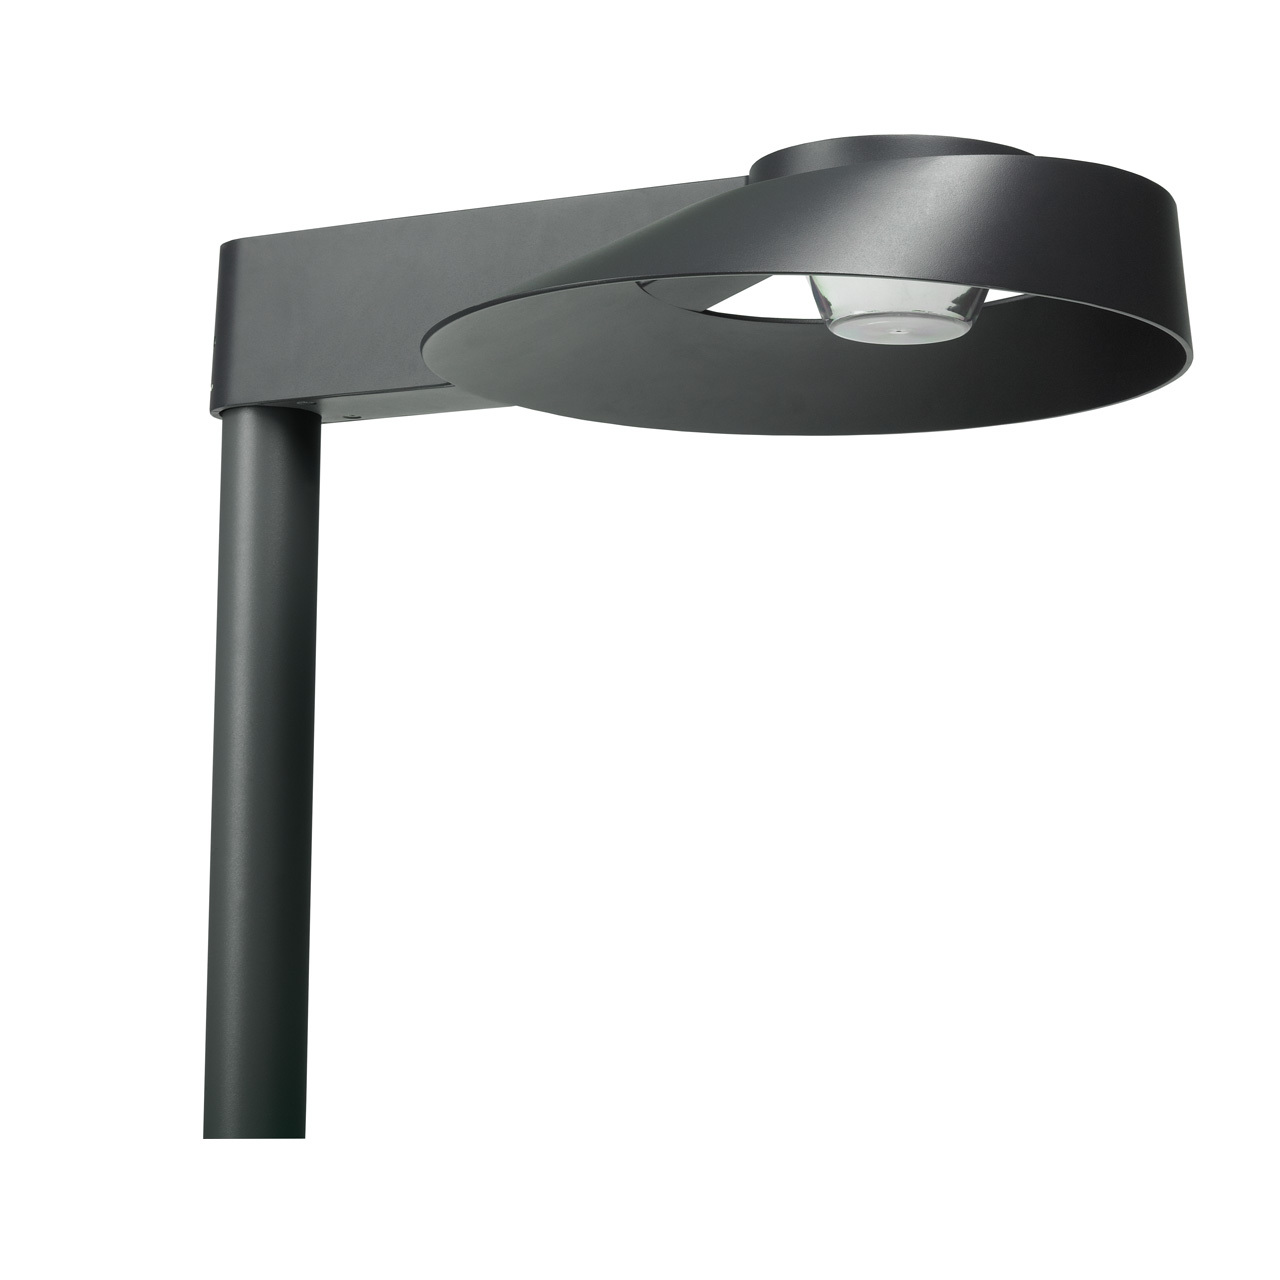 Lampa na słup SUNNFJORD LED 1507GR -Norlys  SPRAWDŹ RABATY  5-10-15-20 % w koszyku